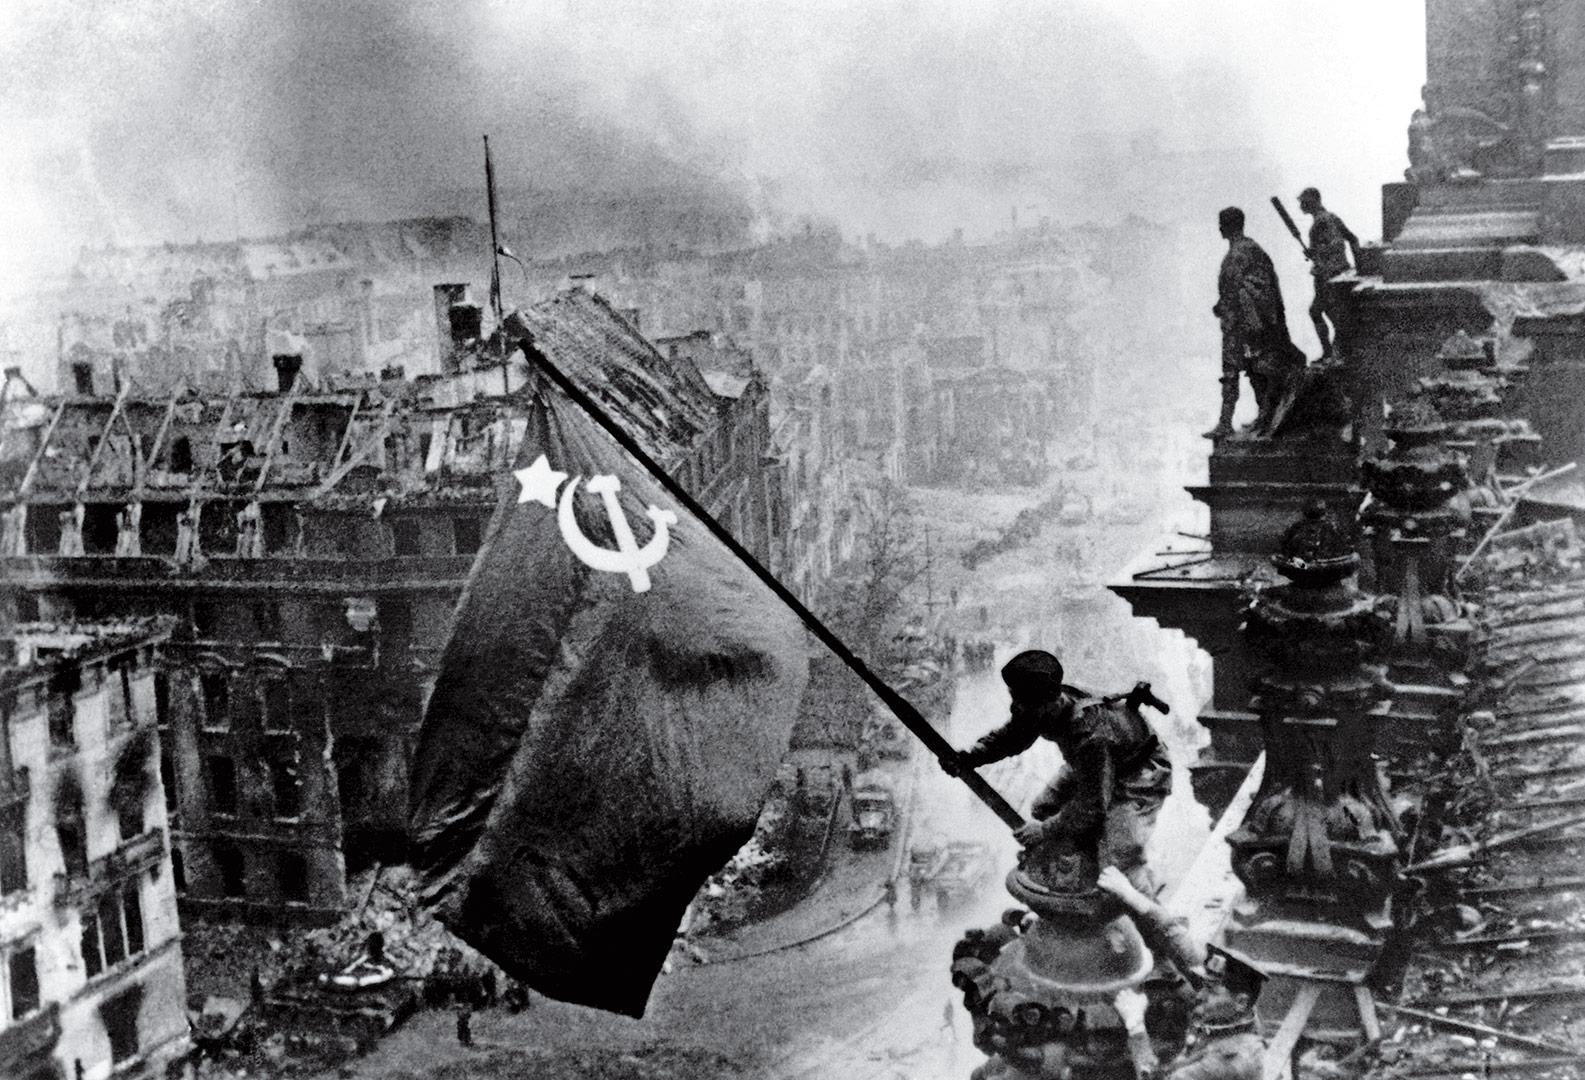 Yevgeny Khaldei và bức ảnh biểu tượng của cuộc Chiến tranh Vệ quốc Vĩ đại